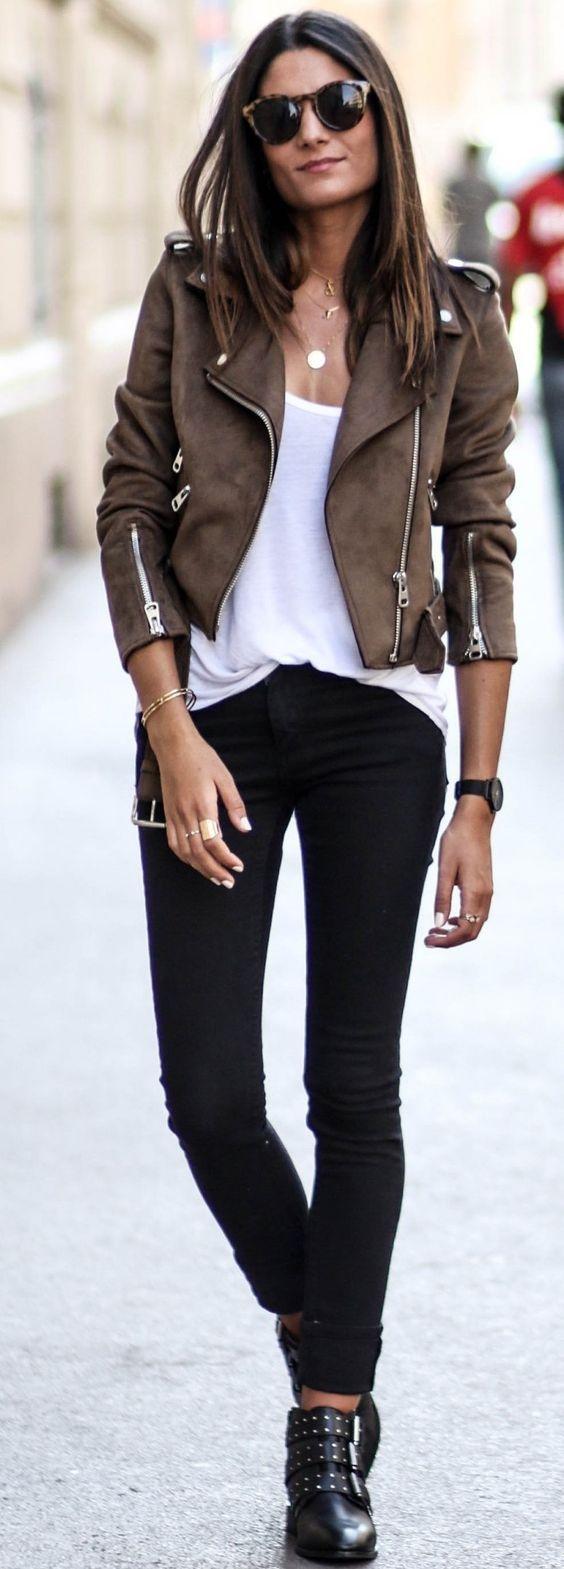 50 Trending-Schwarze Jeans-Ideen Zu Aktualisieren Sie Ihre Garderobe – Tania Mangelli-Podevin